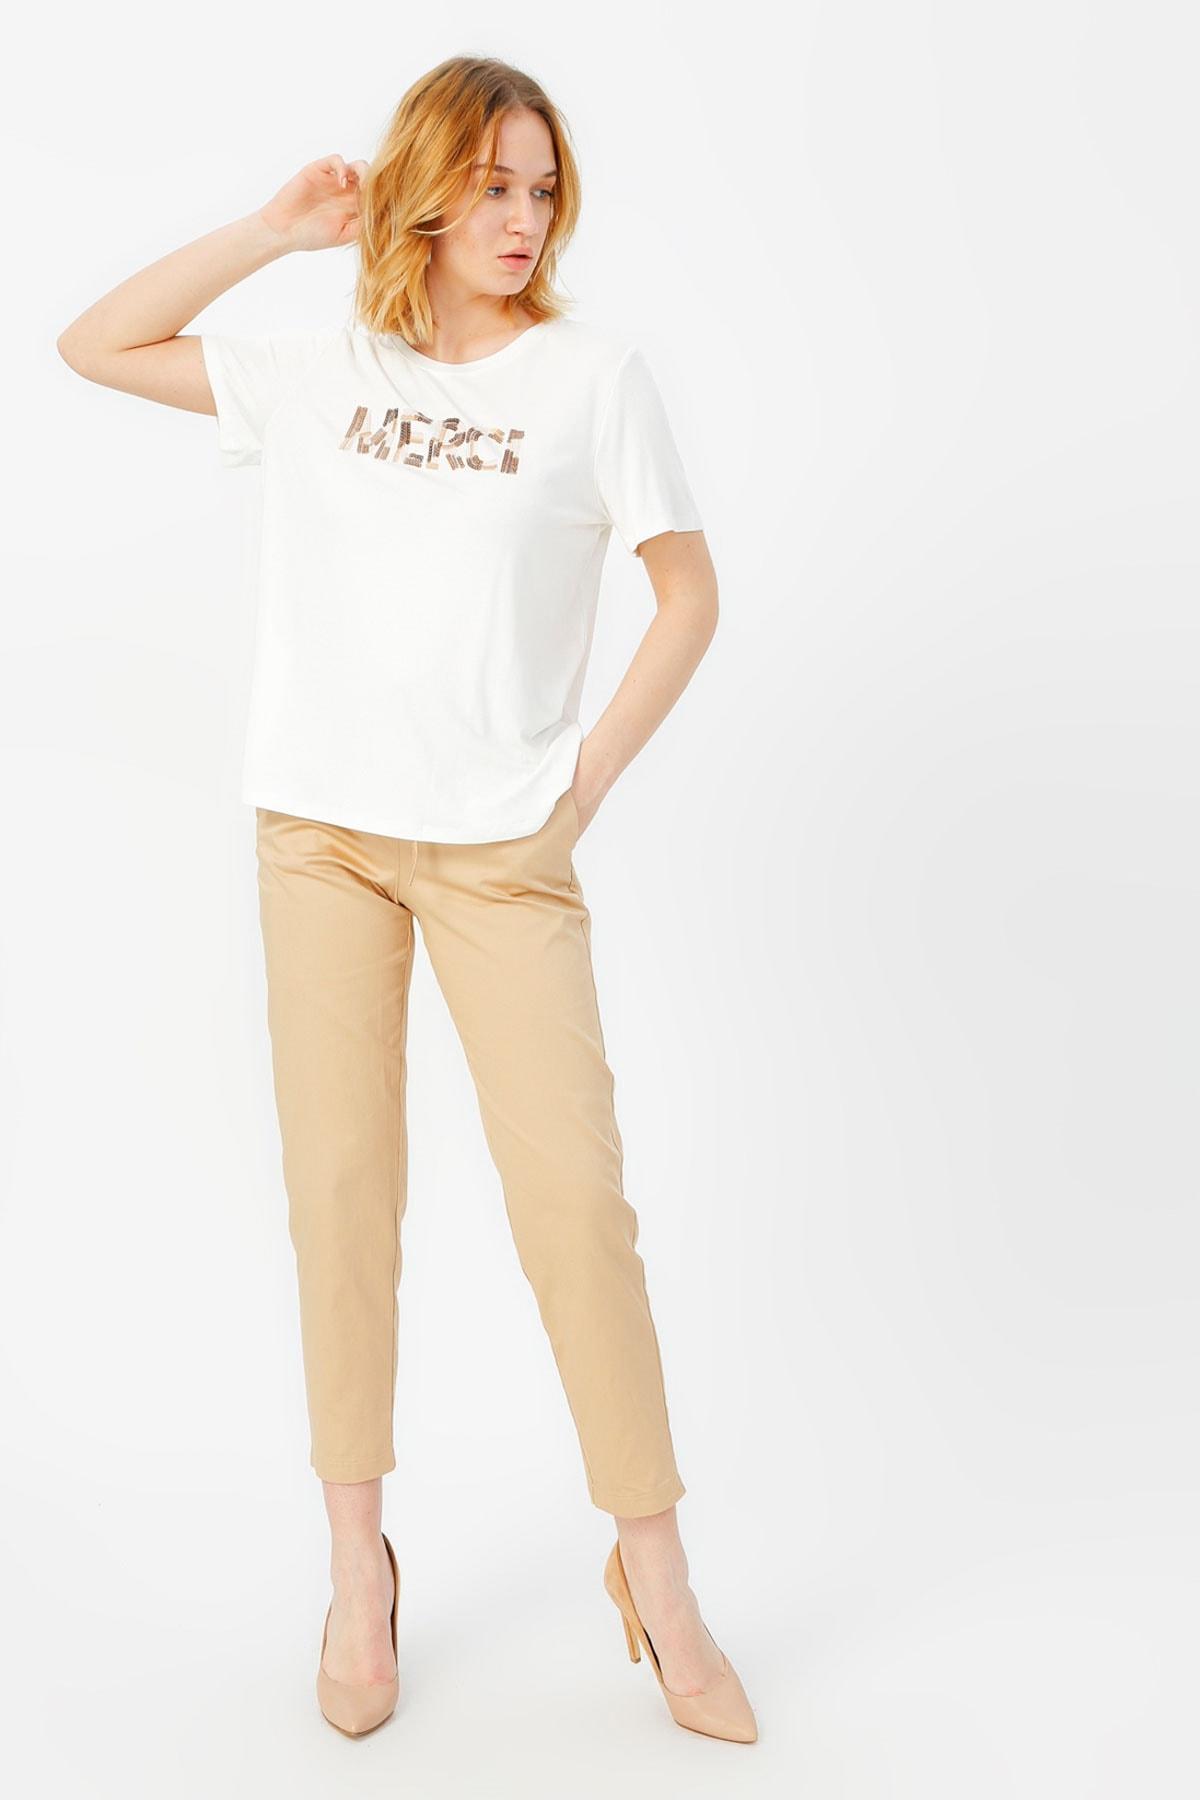 FABRIKA COMFORT Kadın Beyaz Tişört 504396015 2